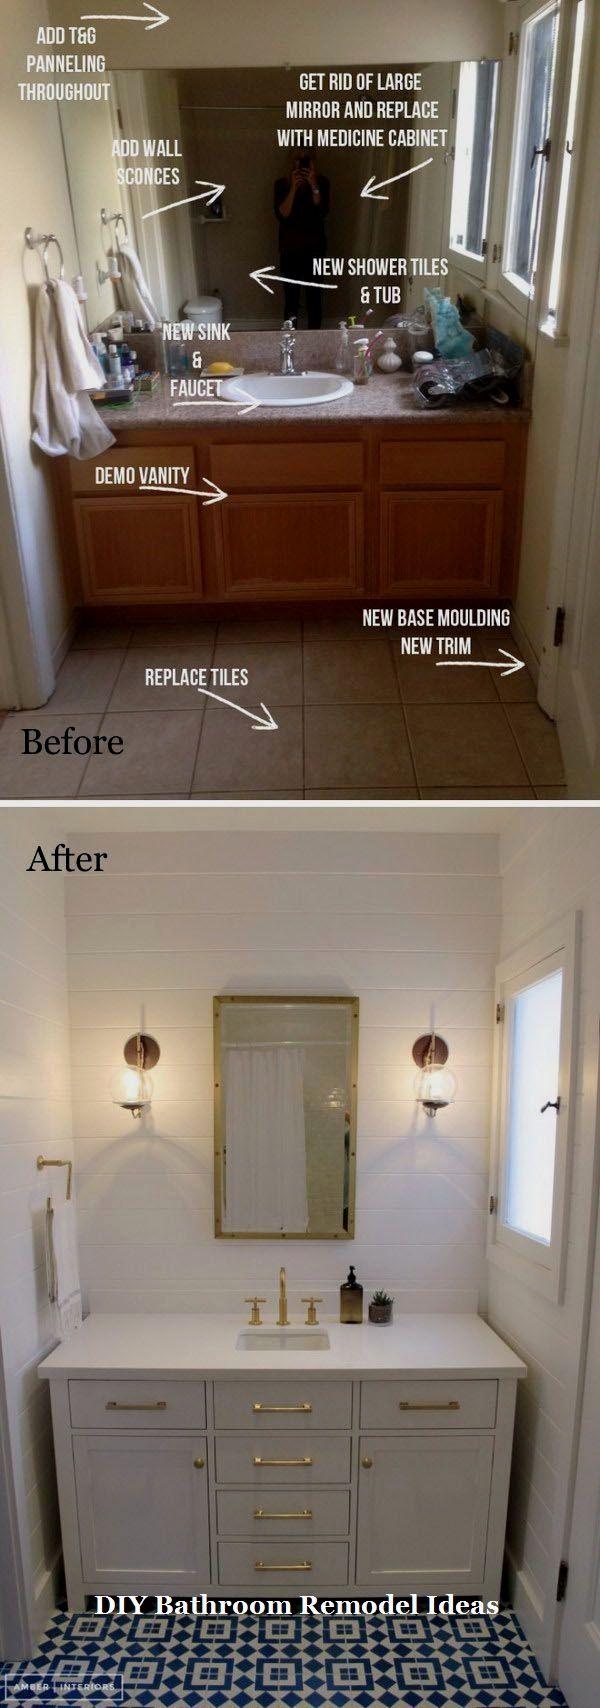 15 Incredible Ideas for Bathroom Makeover 4 – Bathroom Renovation Ideas DIY